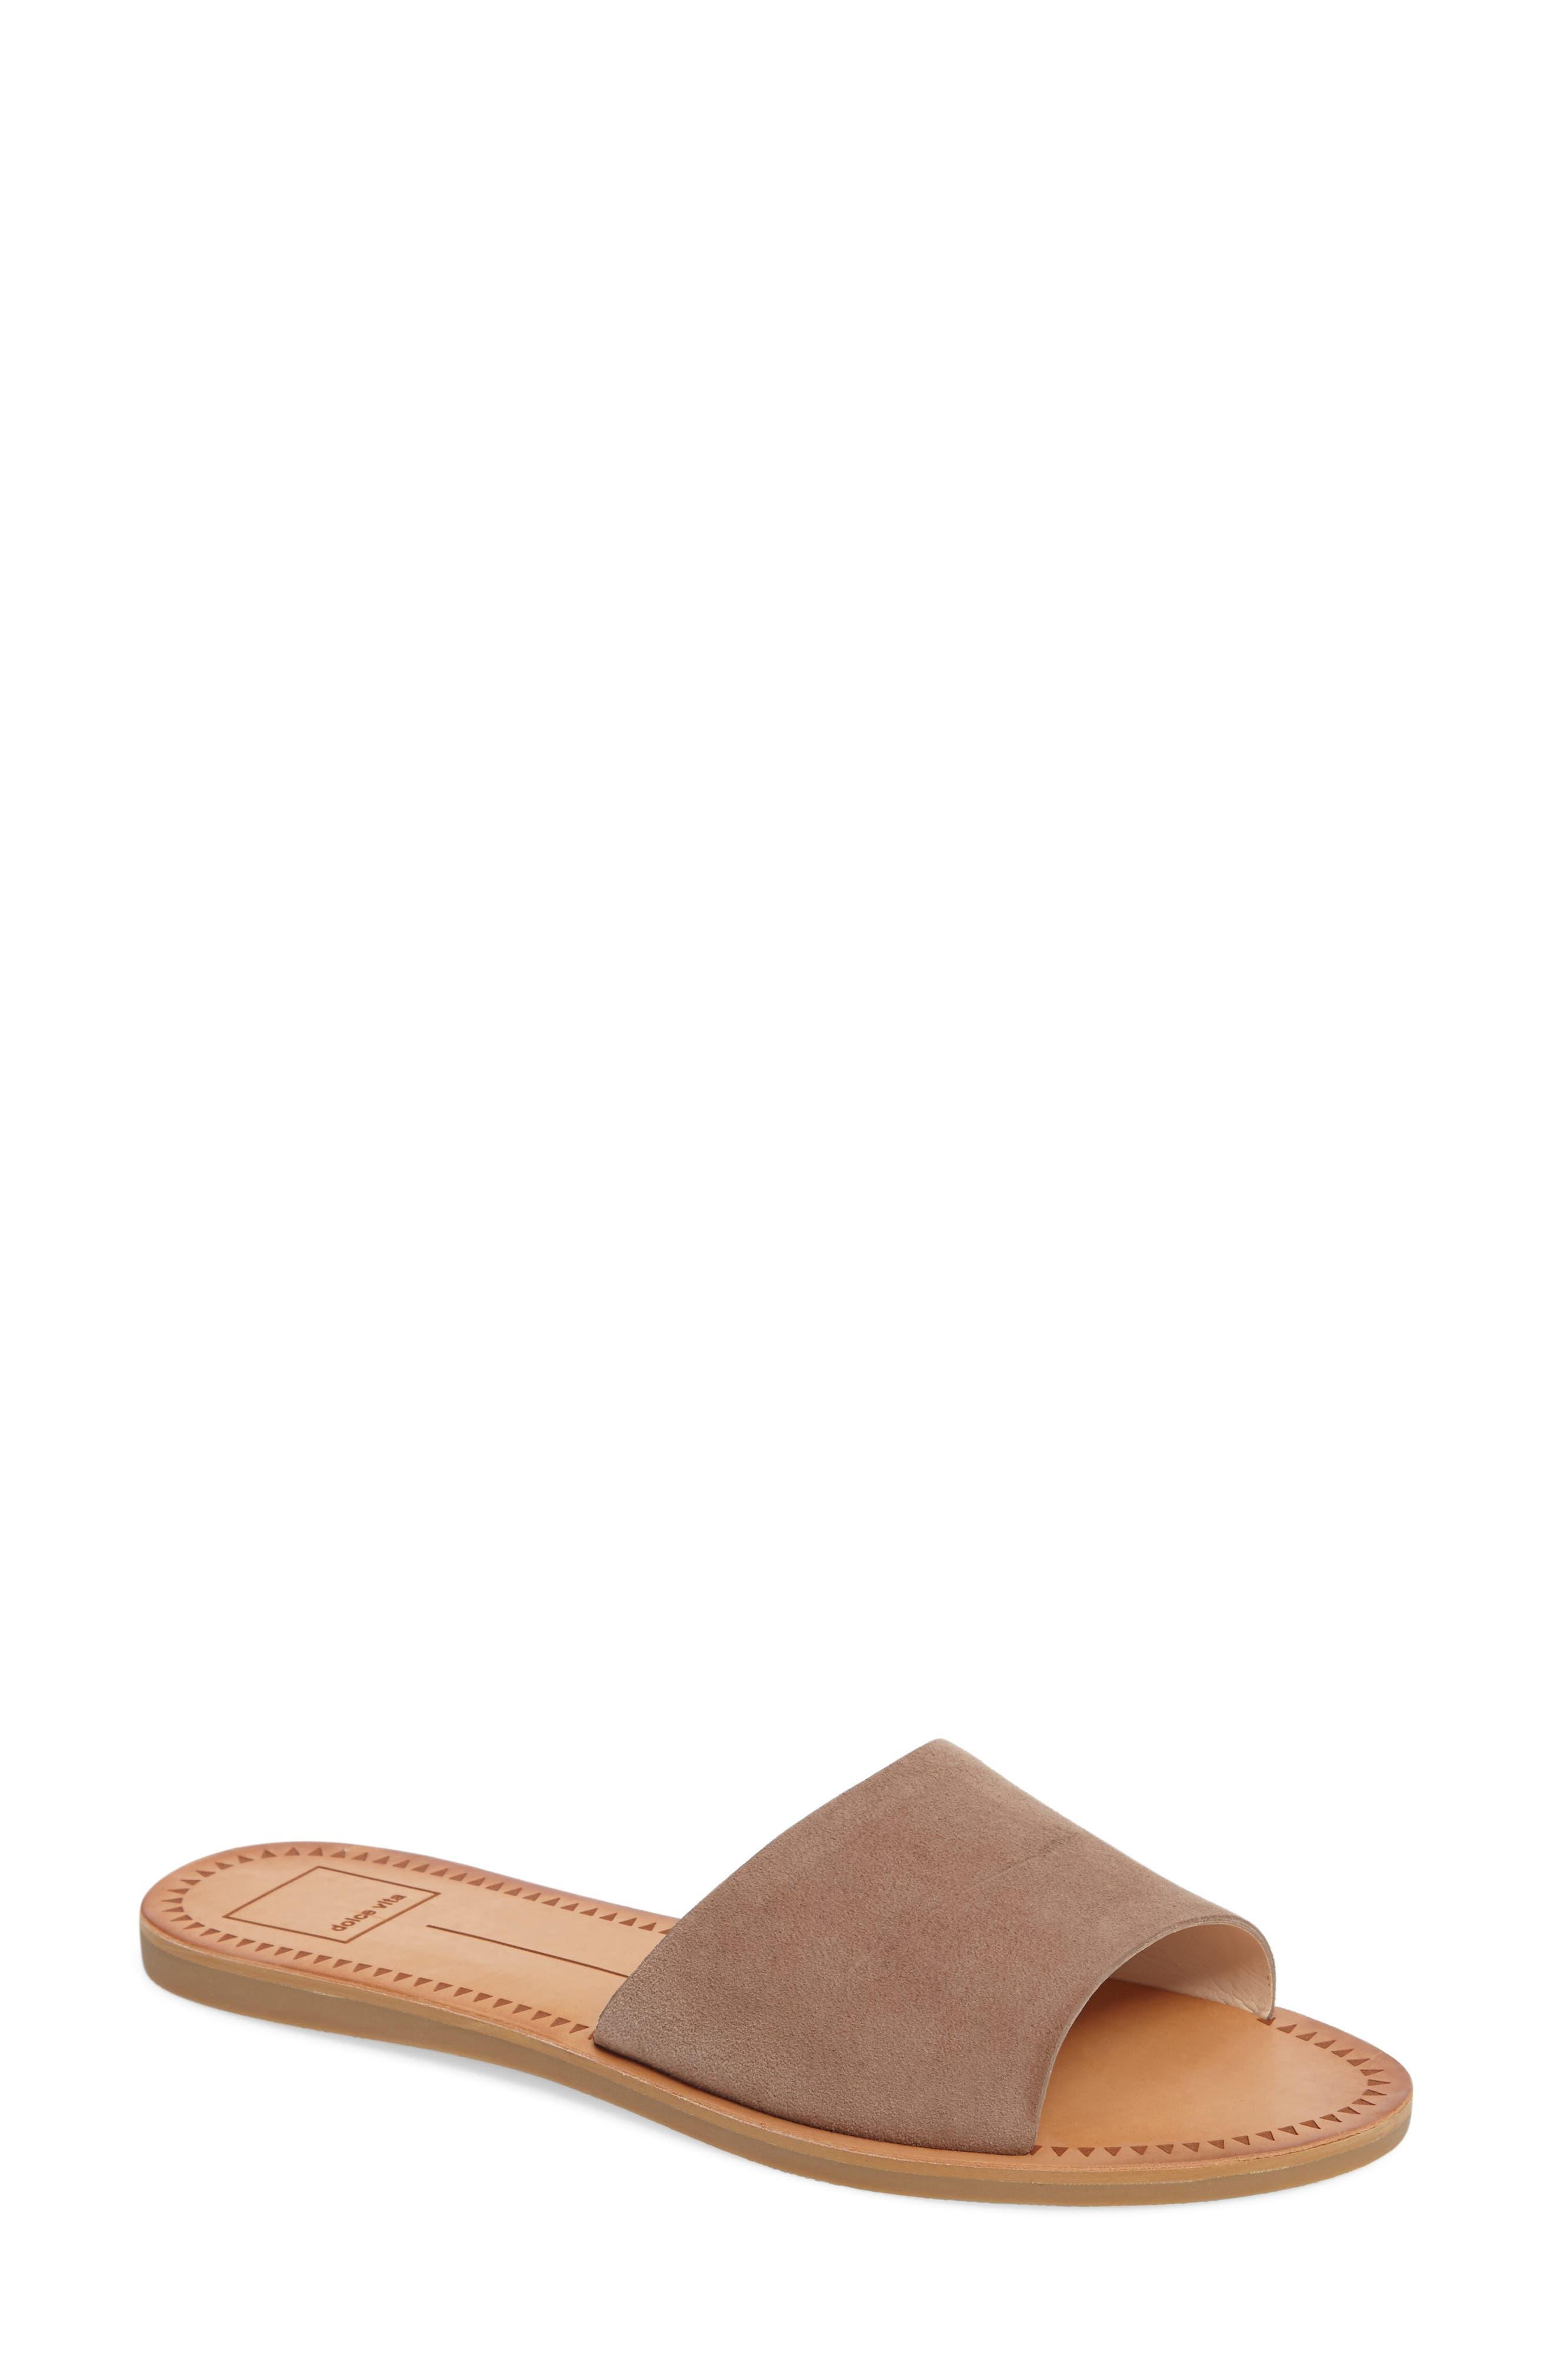 Alternate Image 1 Selected - Dolce Vita 'Javier' Slide Sandal (Women)